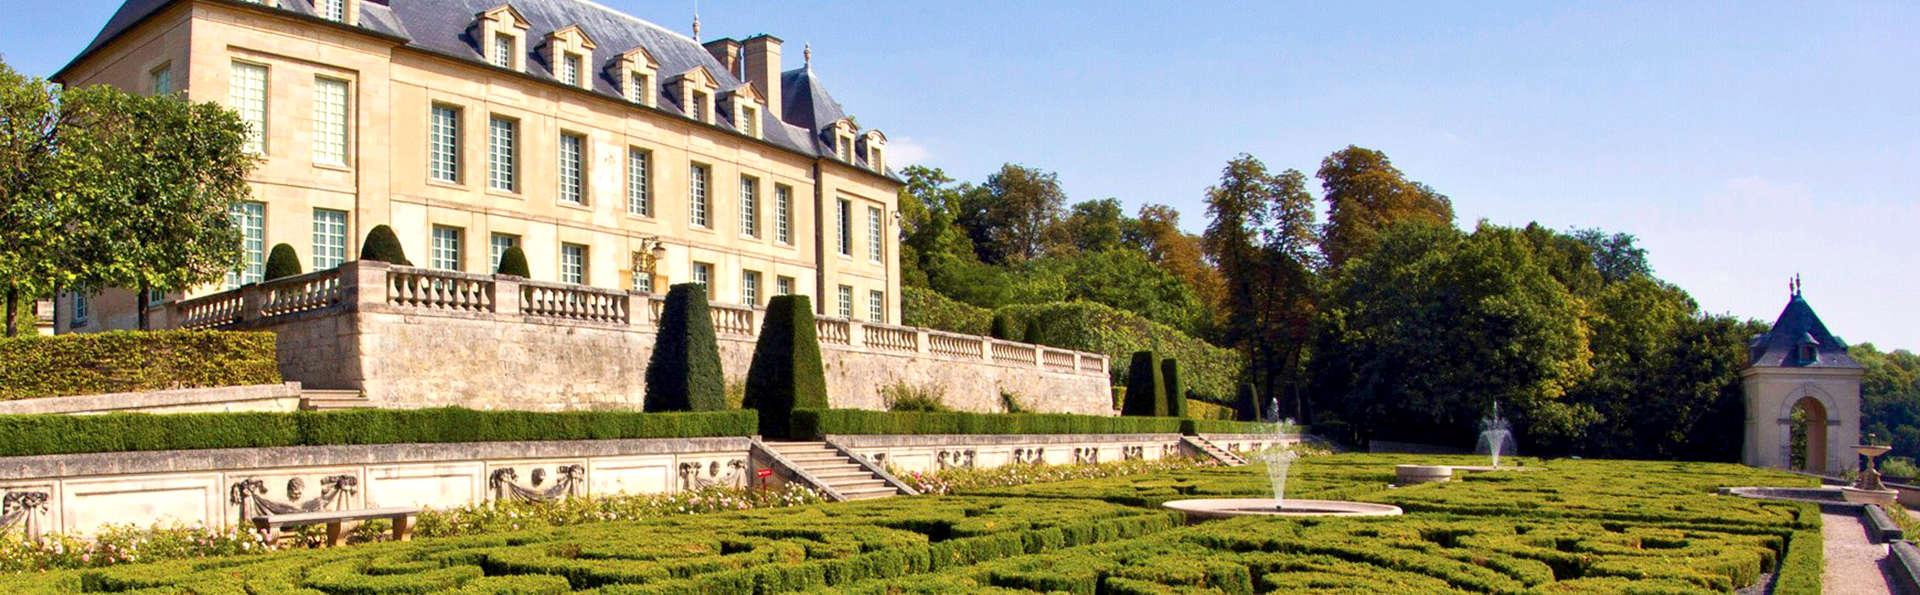 Séjour aux portes de Paris avec entrée au Château d'Auvers-sur-Oise